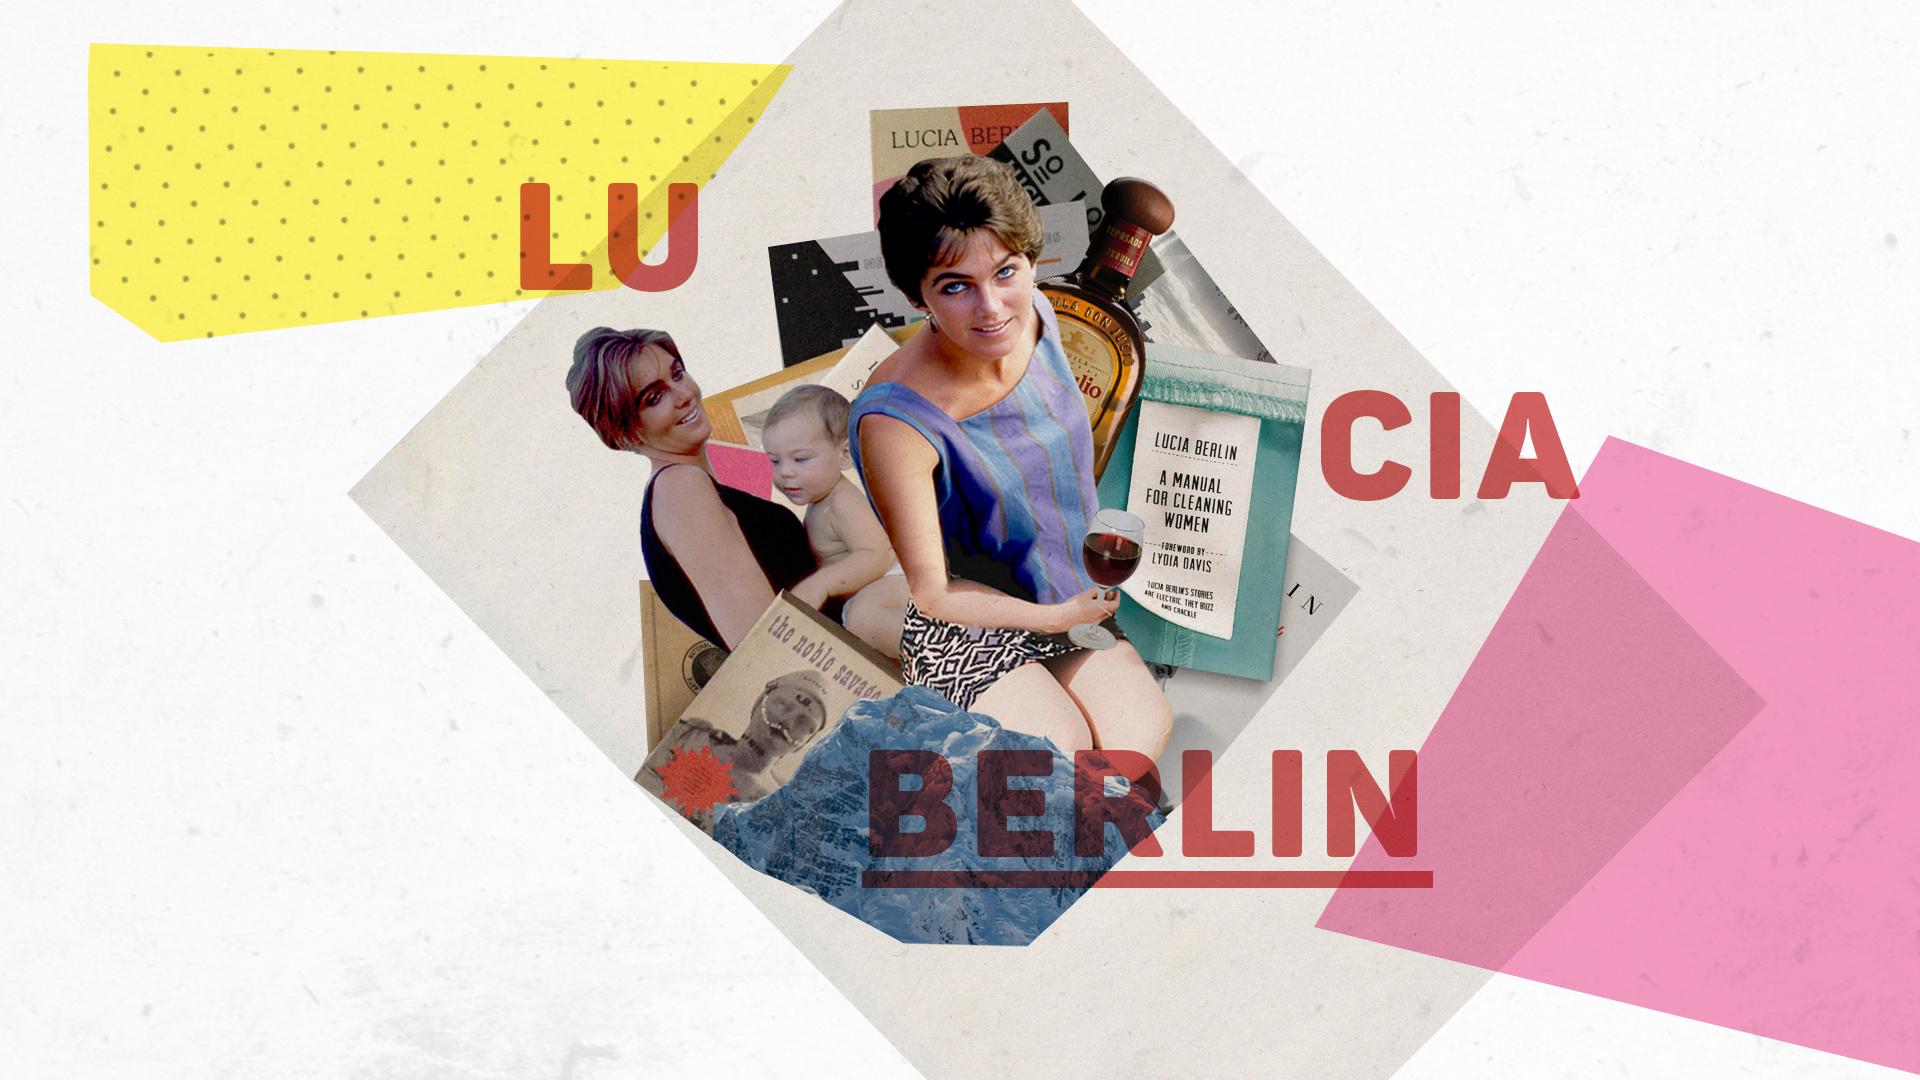 Lucia Berlin: la mujer que sobrevivió a sus guerras internas